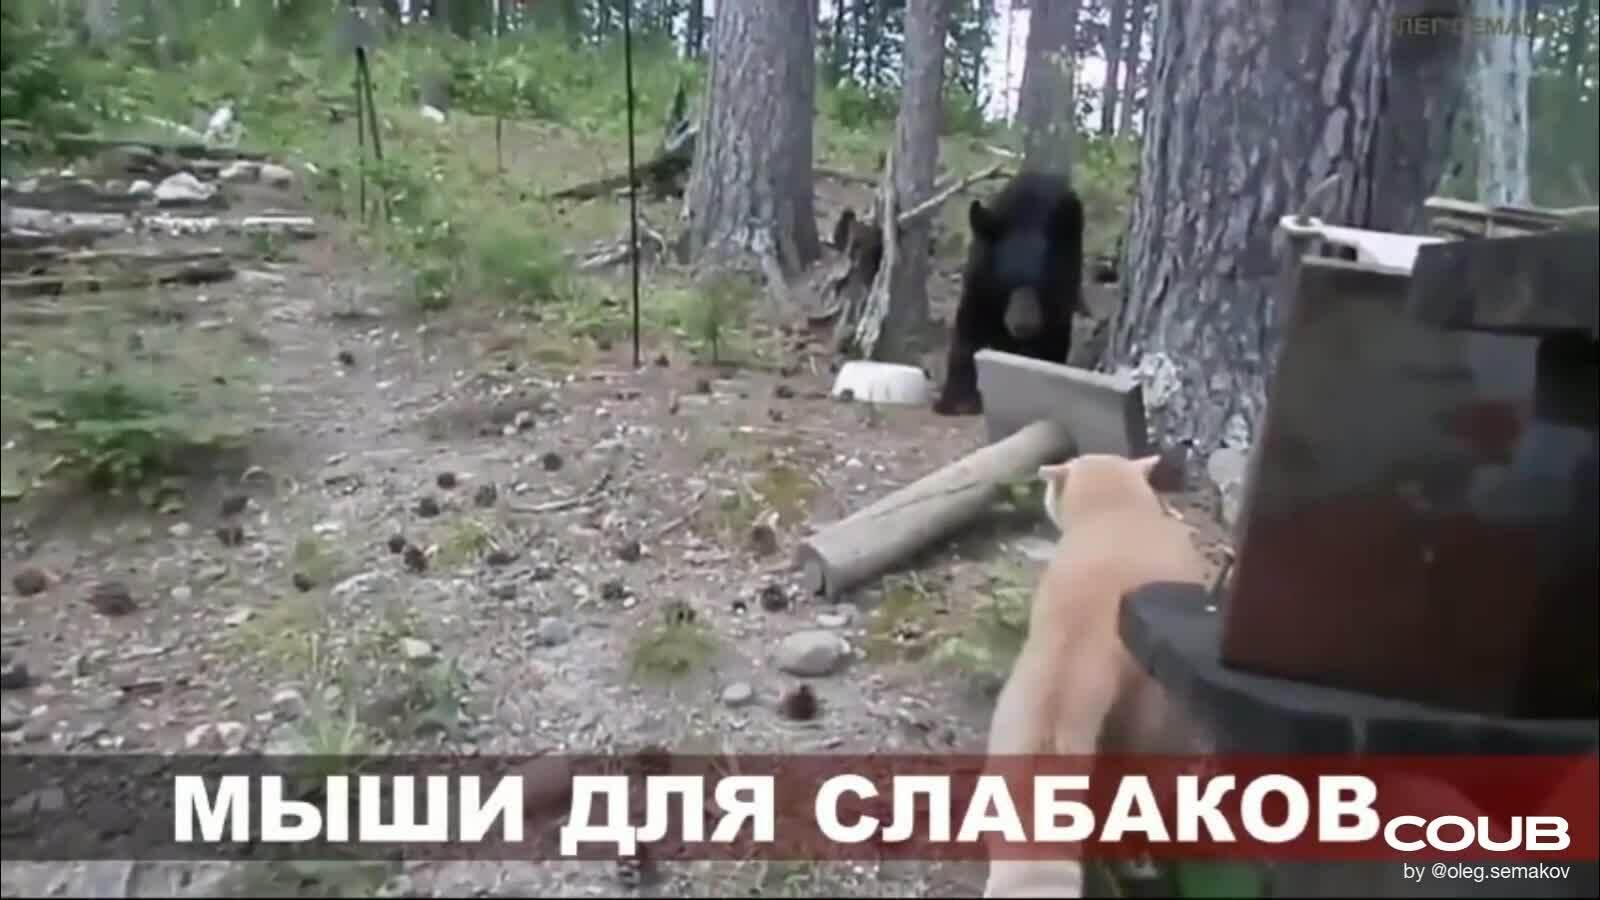 Gấu leo lên cây vì bị báo dọa